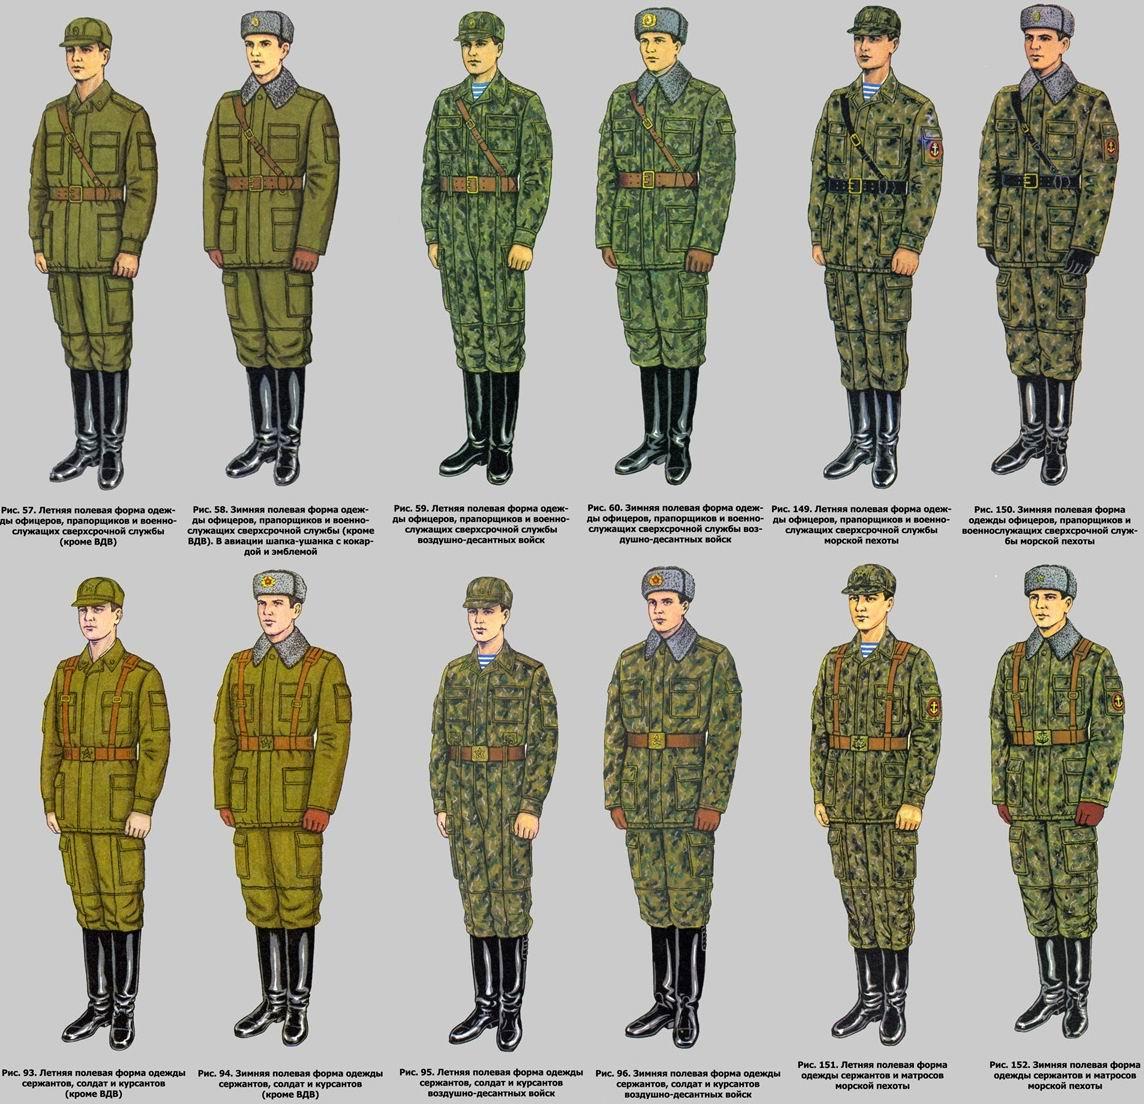 Если вкратце, то покрой ВДВ отличался отсутствием нижних накладных карманов на летней куртке (чтобы заправлять полы в брюки), а нарукавные карманы на зимней куртке врезные, а не накладные, как у морской пехоты и остальных.